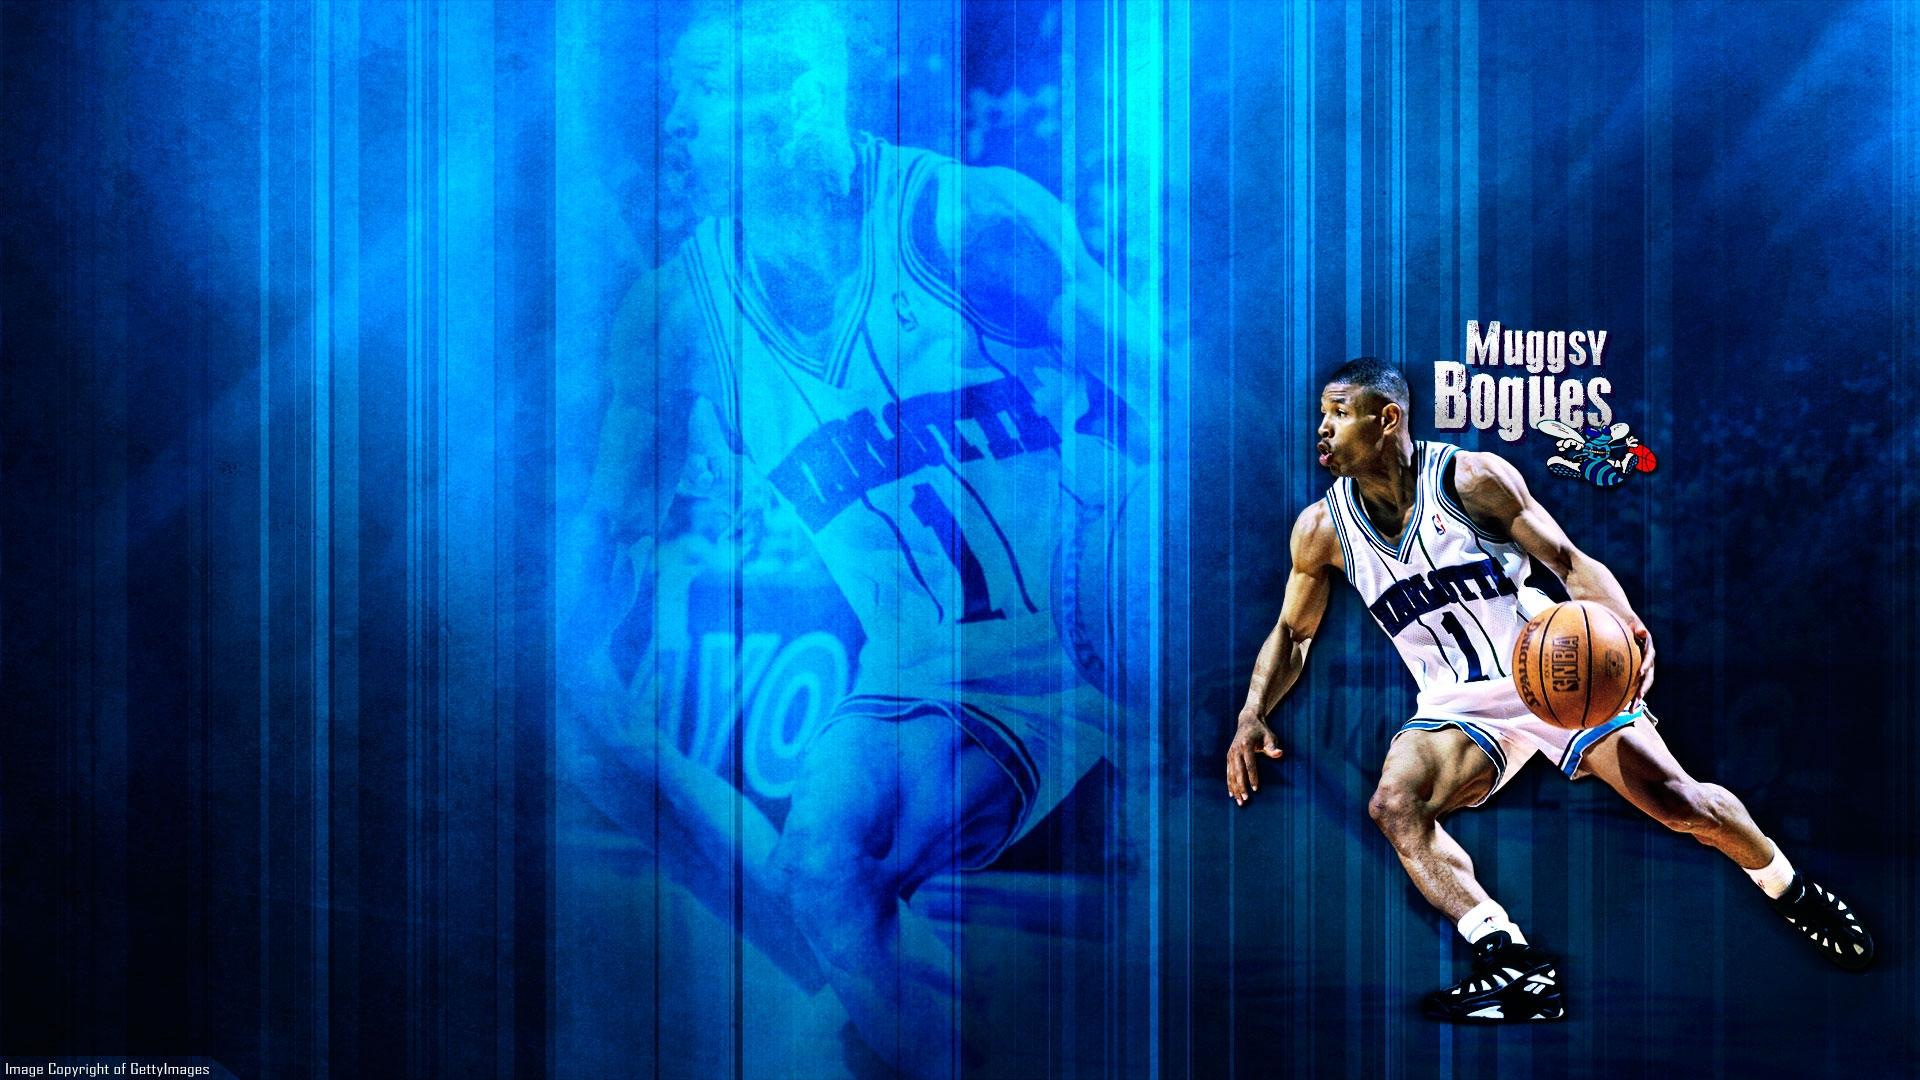 Muggsy Bogues basketball wallpaper